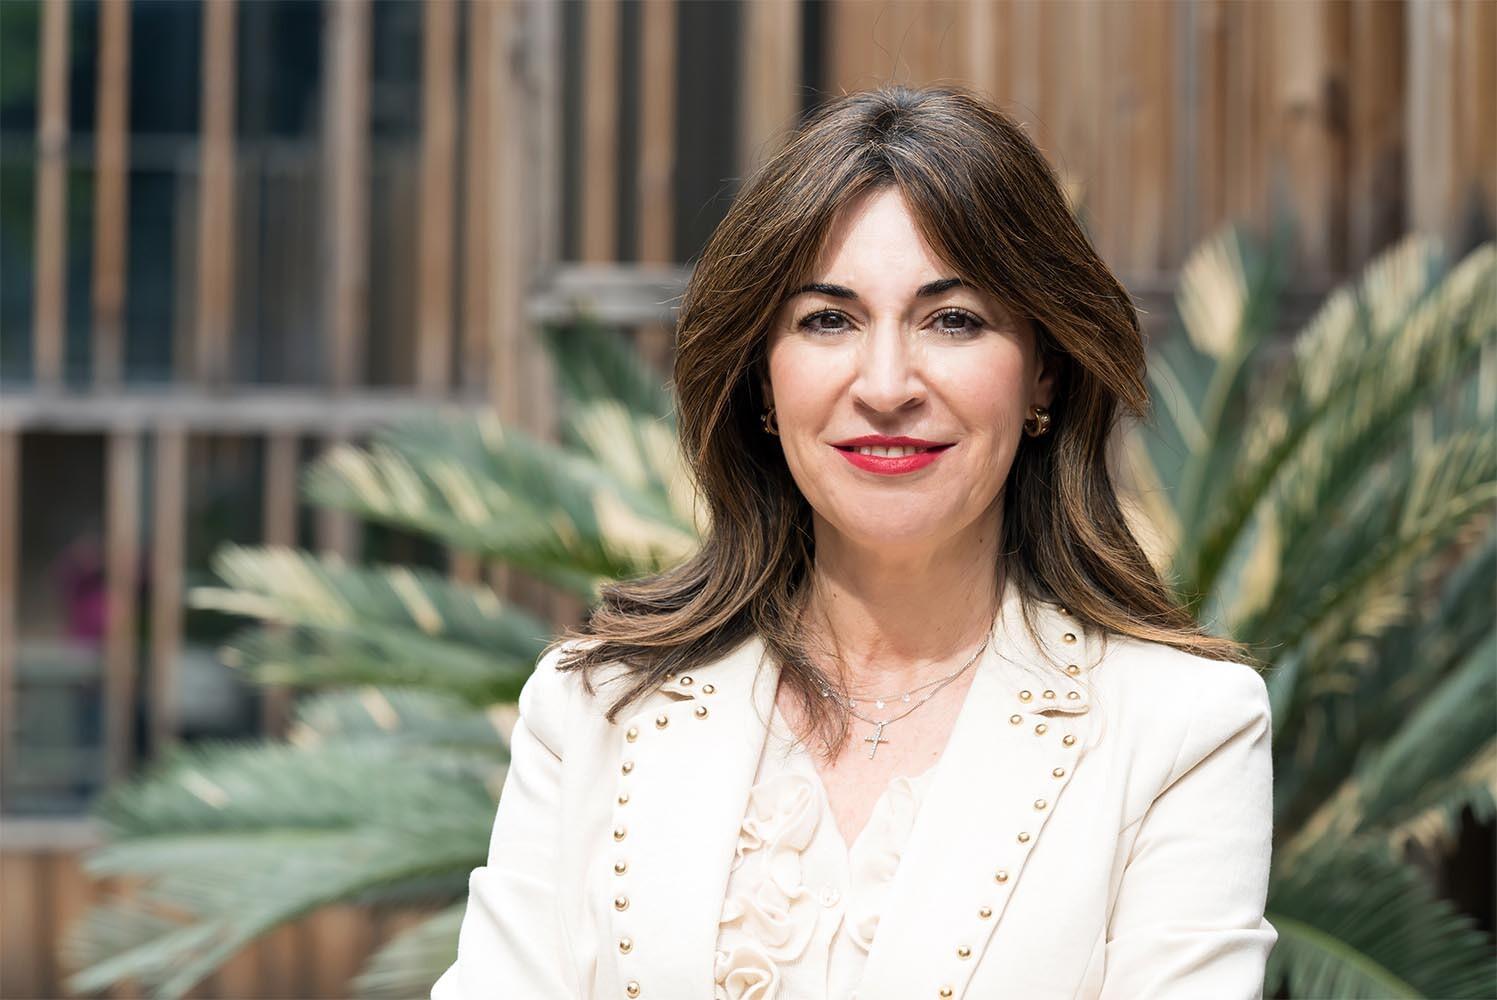 uz Usamentiaga, Directora General de Regulación, Relaciones Institucionales, Comunicación Externa, Responsabilidad Social Corporativa y Fundación en Orange España.